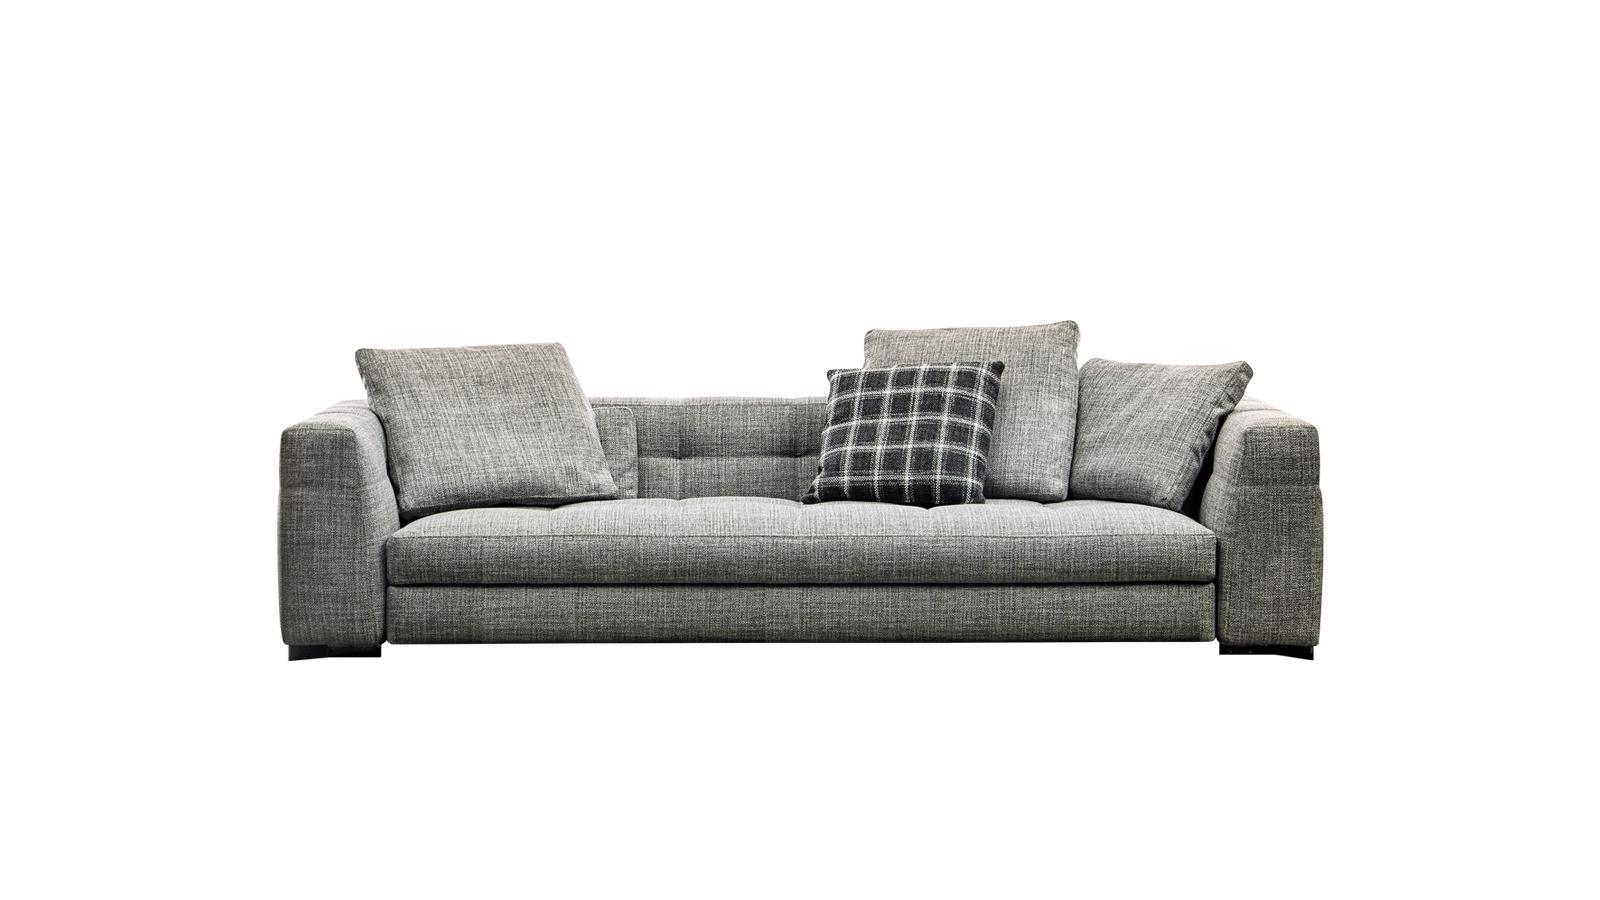 A haute couture megközelítés, a precíz kivitelezés és a szigorú geometrikusság teszi időtálló műalkotássá a Blazer kanapékat. Nem véletlenül az egyik legkiemelkedőbb képviselői a gyártó, a Minotti autentikus és a művészi formavilág között egyensúlyozó stílusának. A zavartalan pihenést az ülőfelület puha, homorú bemetszései biztosítják.